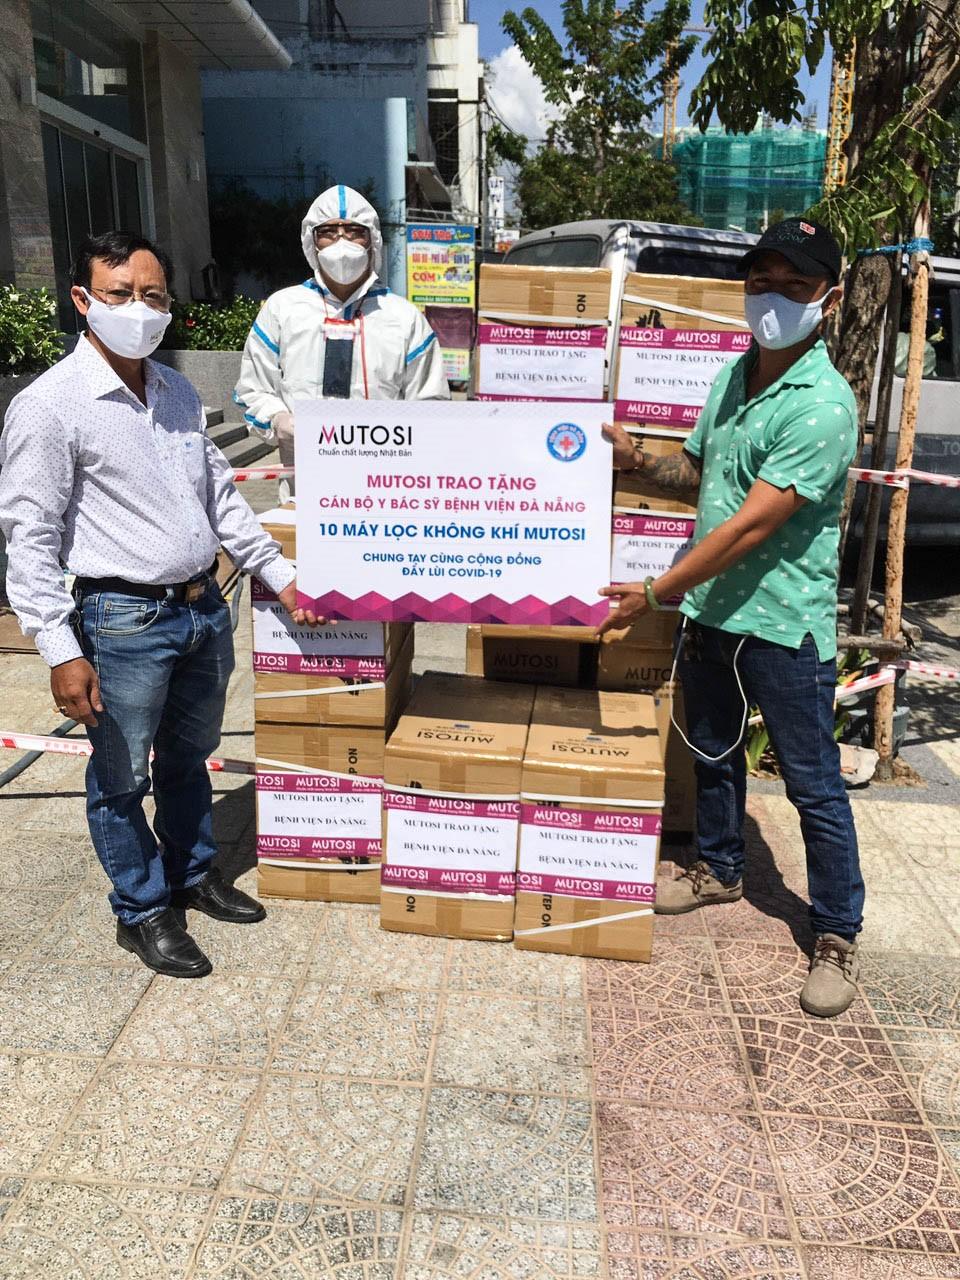 Đại diện Công ty trao tặng trang thiết bị phòng chống dịch tới Bệnh viện Đà Nẵng.